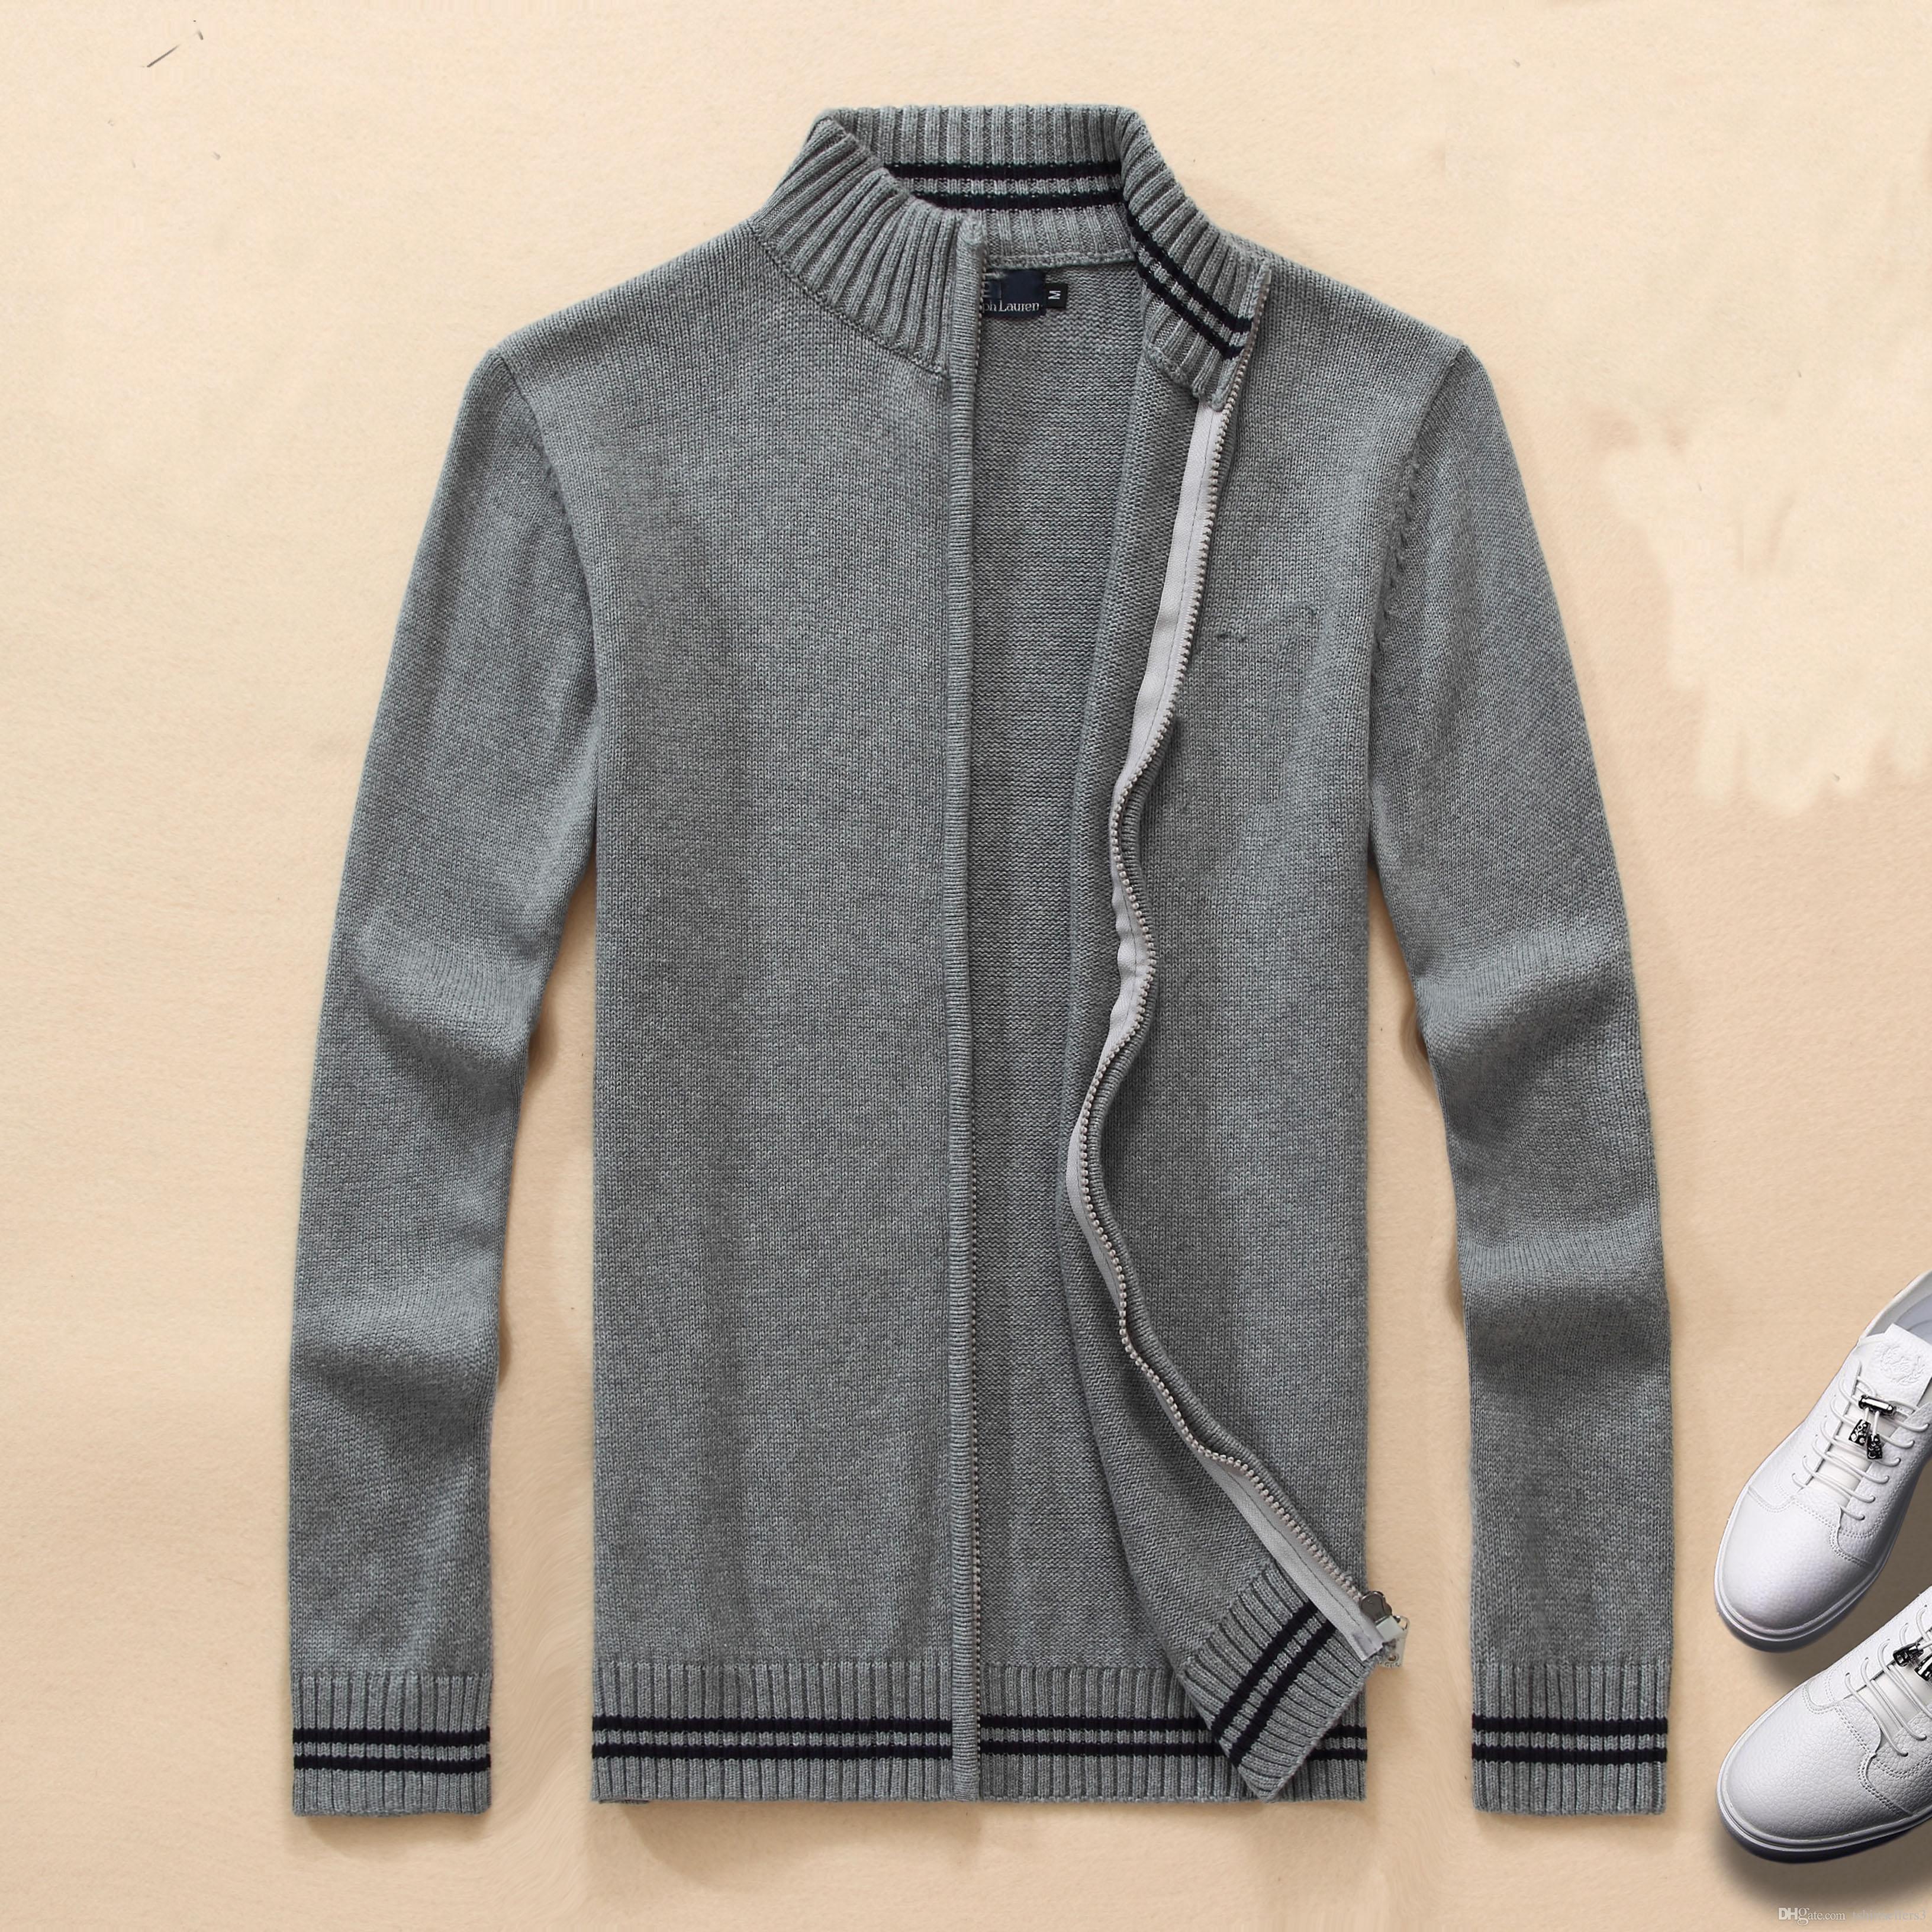 Pullover Der Männer 2018 Herbst Winter Warmer Reißverschluss Pullover  Strickjacken Mann Beiläufige Strickwaren Plus Größe M Xxl Von  Tshirtsellers3, ... d47f6a8973